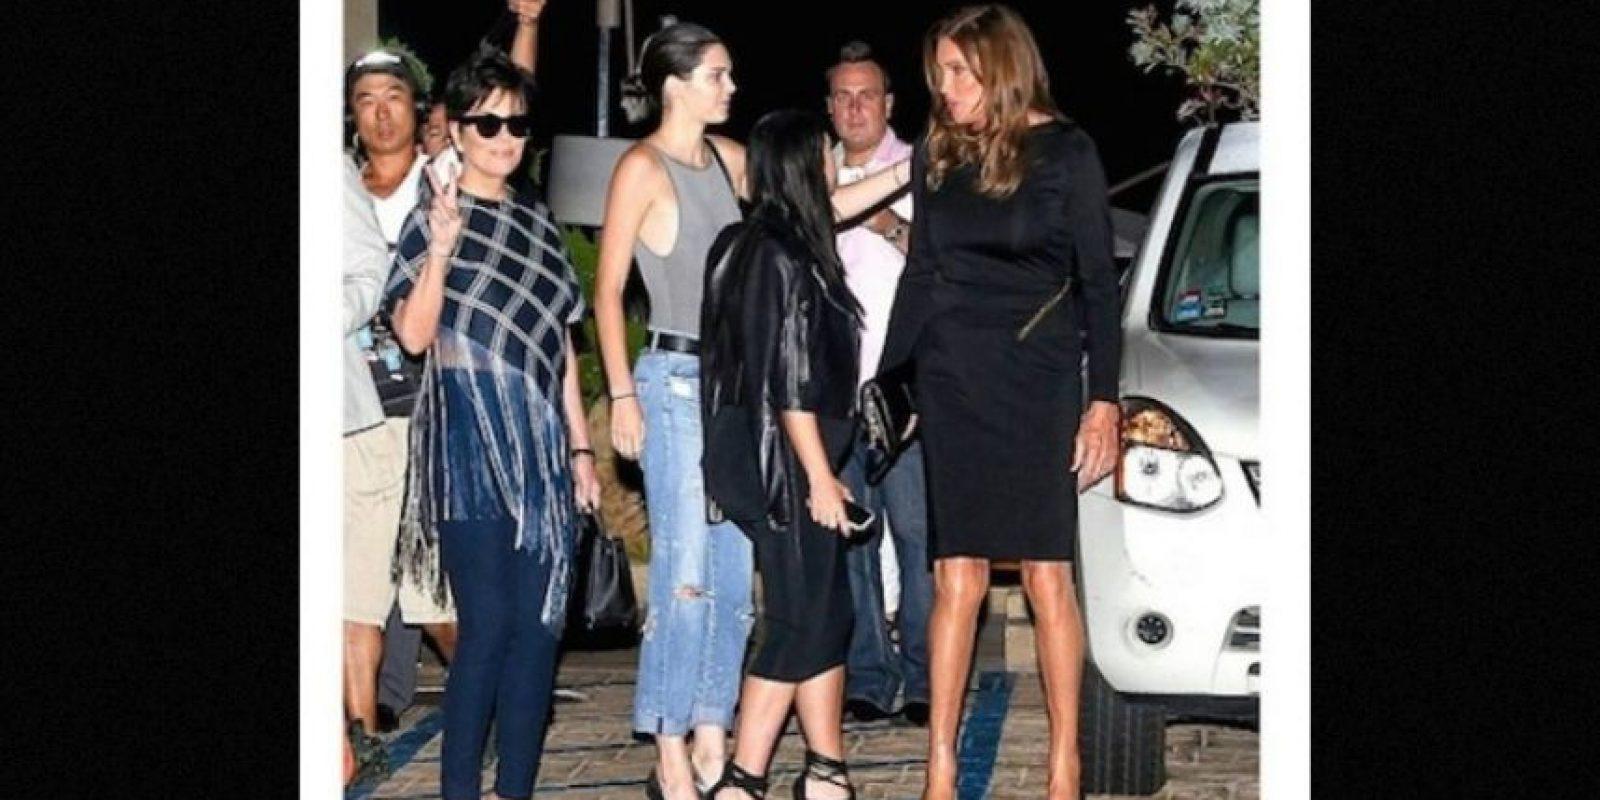 En la fiesta de cumpleaños de Kylie, las estrellas televisivas aparecieron juntas por primera vez en público. Foto:Grosby Group